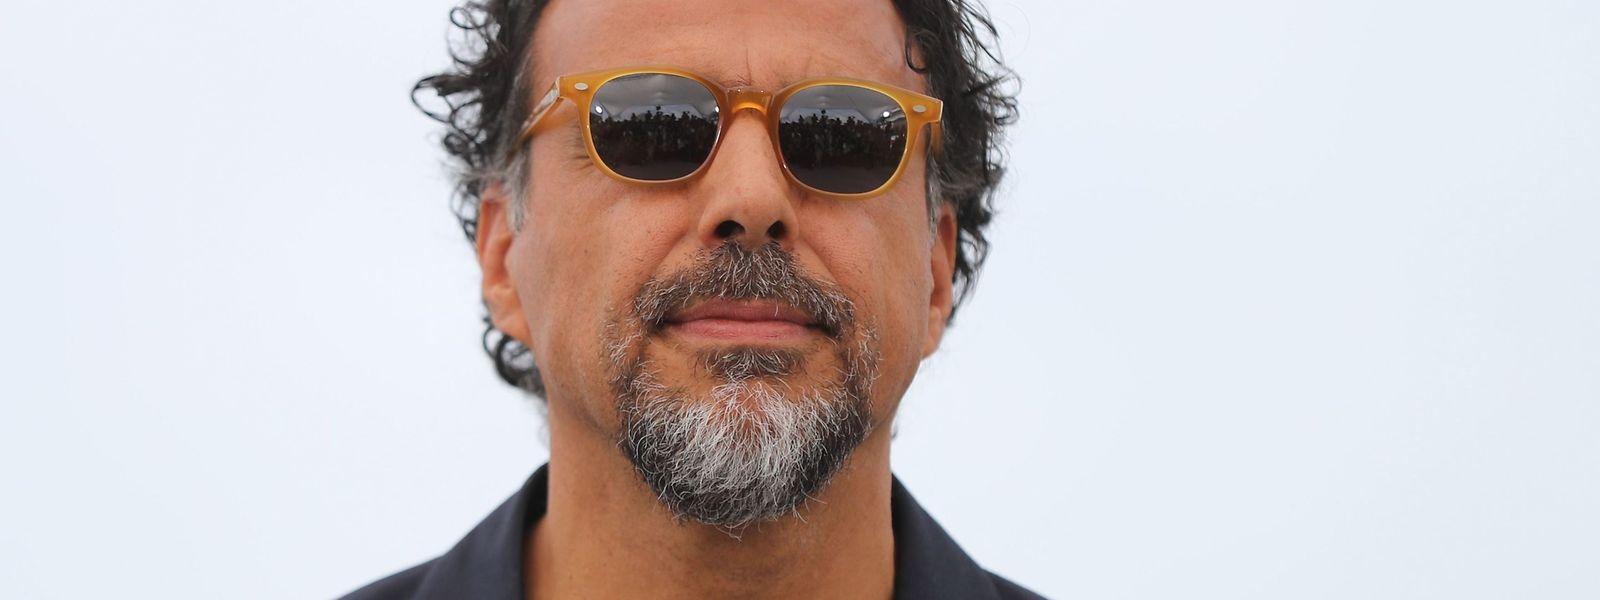 Alejandro Gonzalez Iñárritu ist der erste Künstler aus Mexiko, dem diese Ehre zuteil wird.